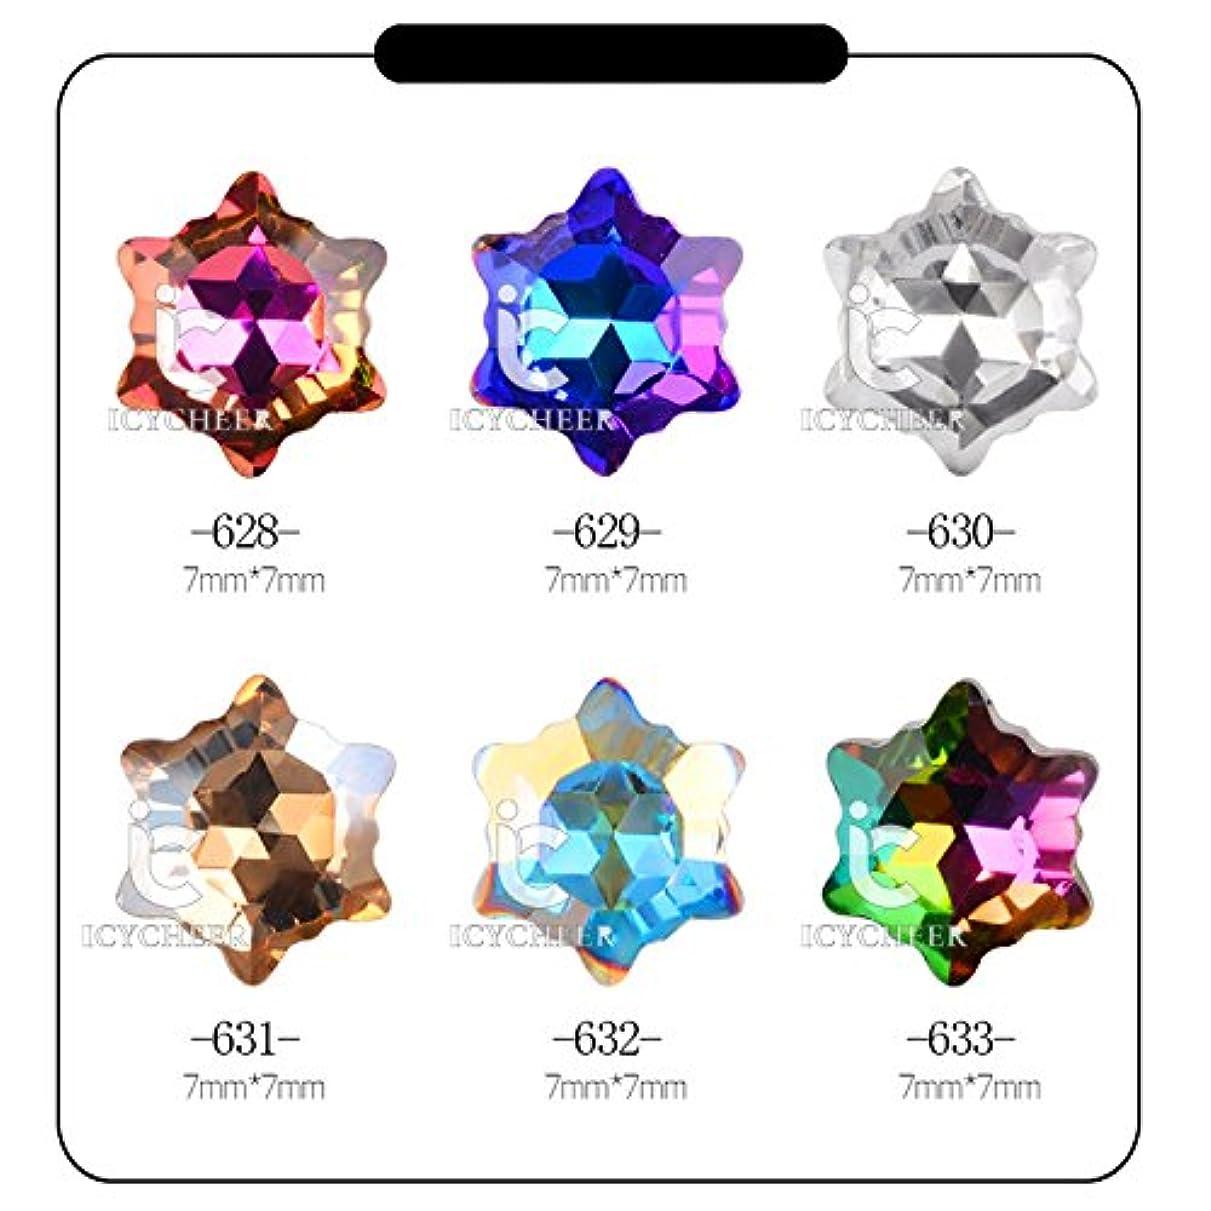 慈善期間専門用語ICYCHEERホット3Dネイルアートラインストーングリッター宝石のアクリルのヒントデコレーションマニキュアホイール (629)